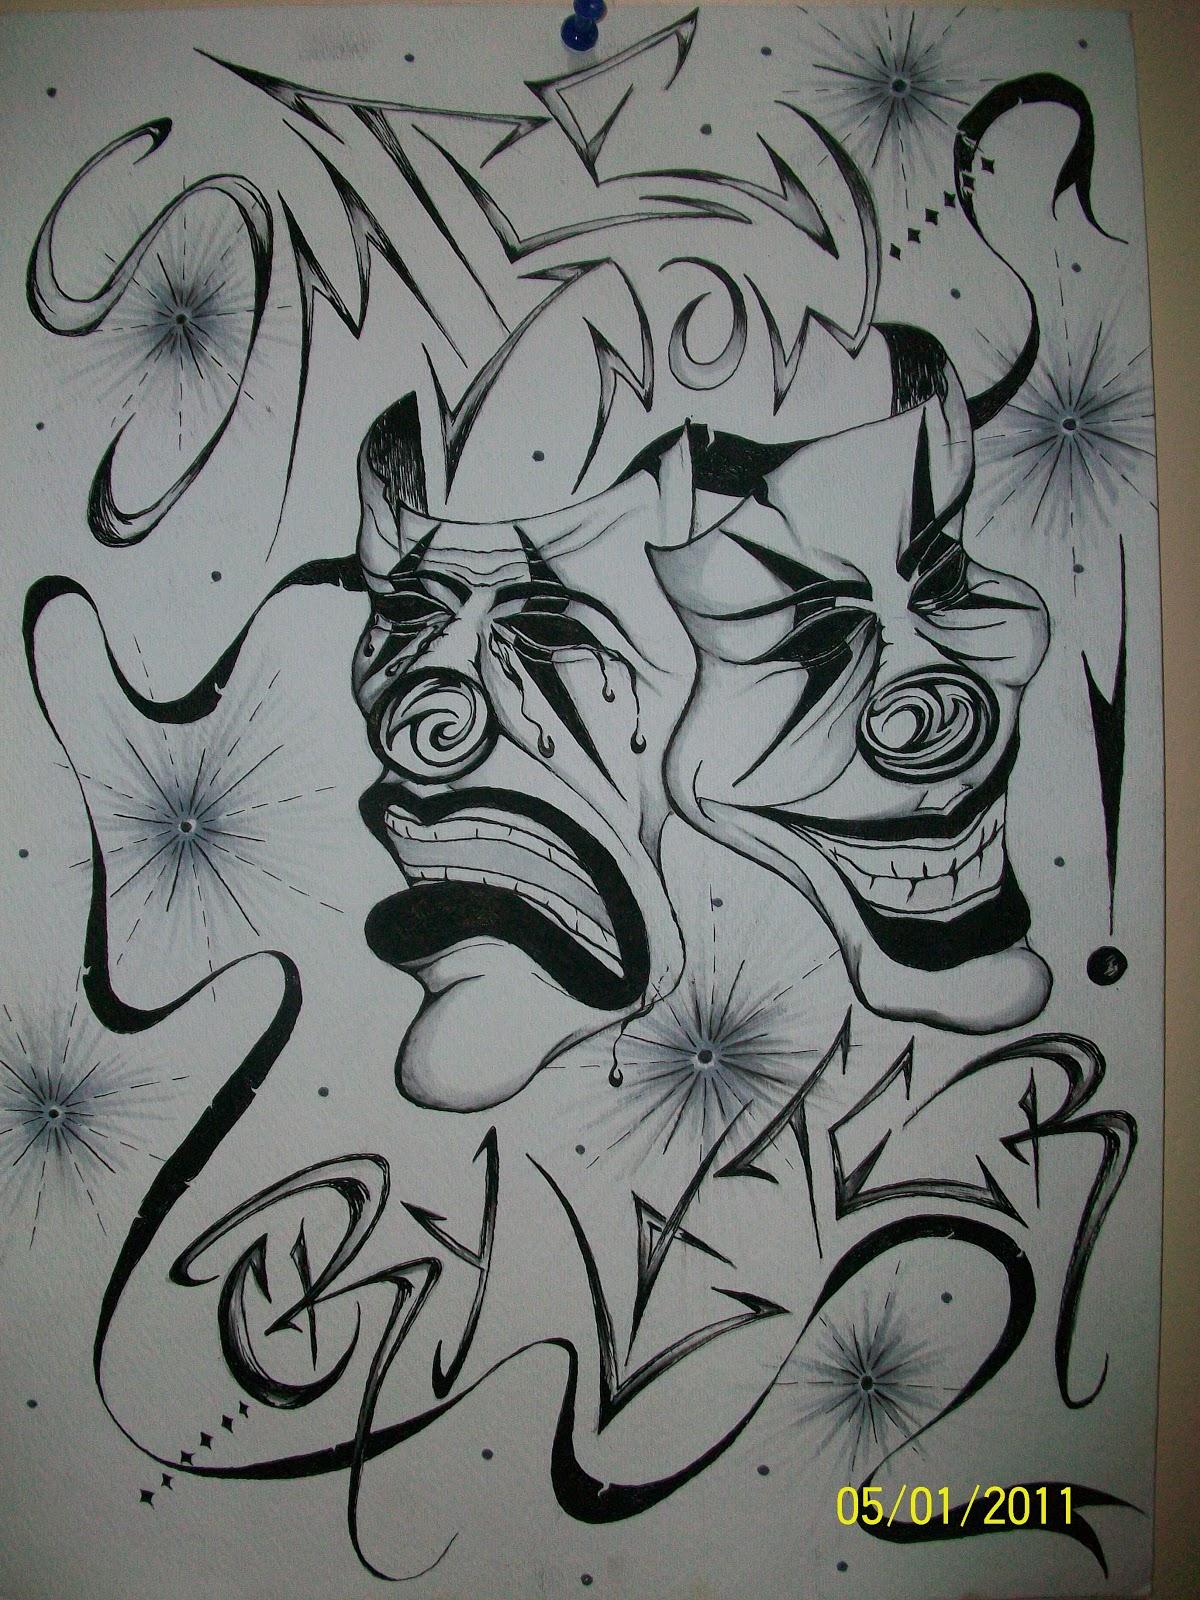 http://4.bp.blogspot.com/-wNbNOaEMvwc/TbzvWDlXB_I/AAAAAAAAABQ/FfUNhYFe0MI/s1600/100_2452.JPG